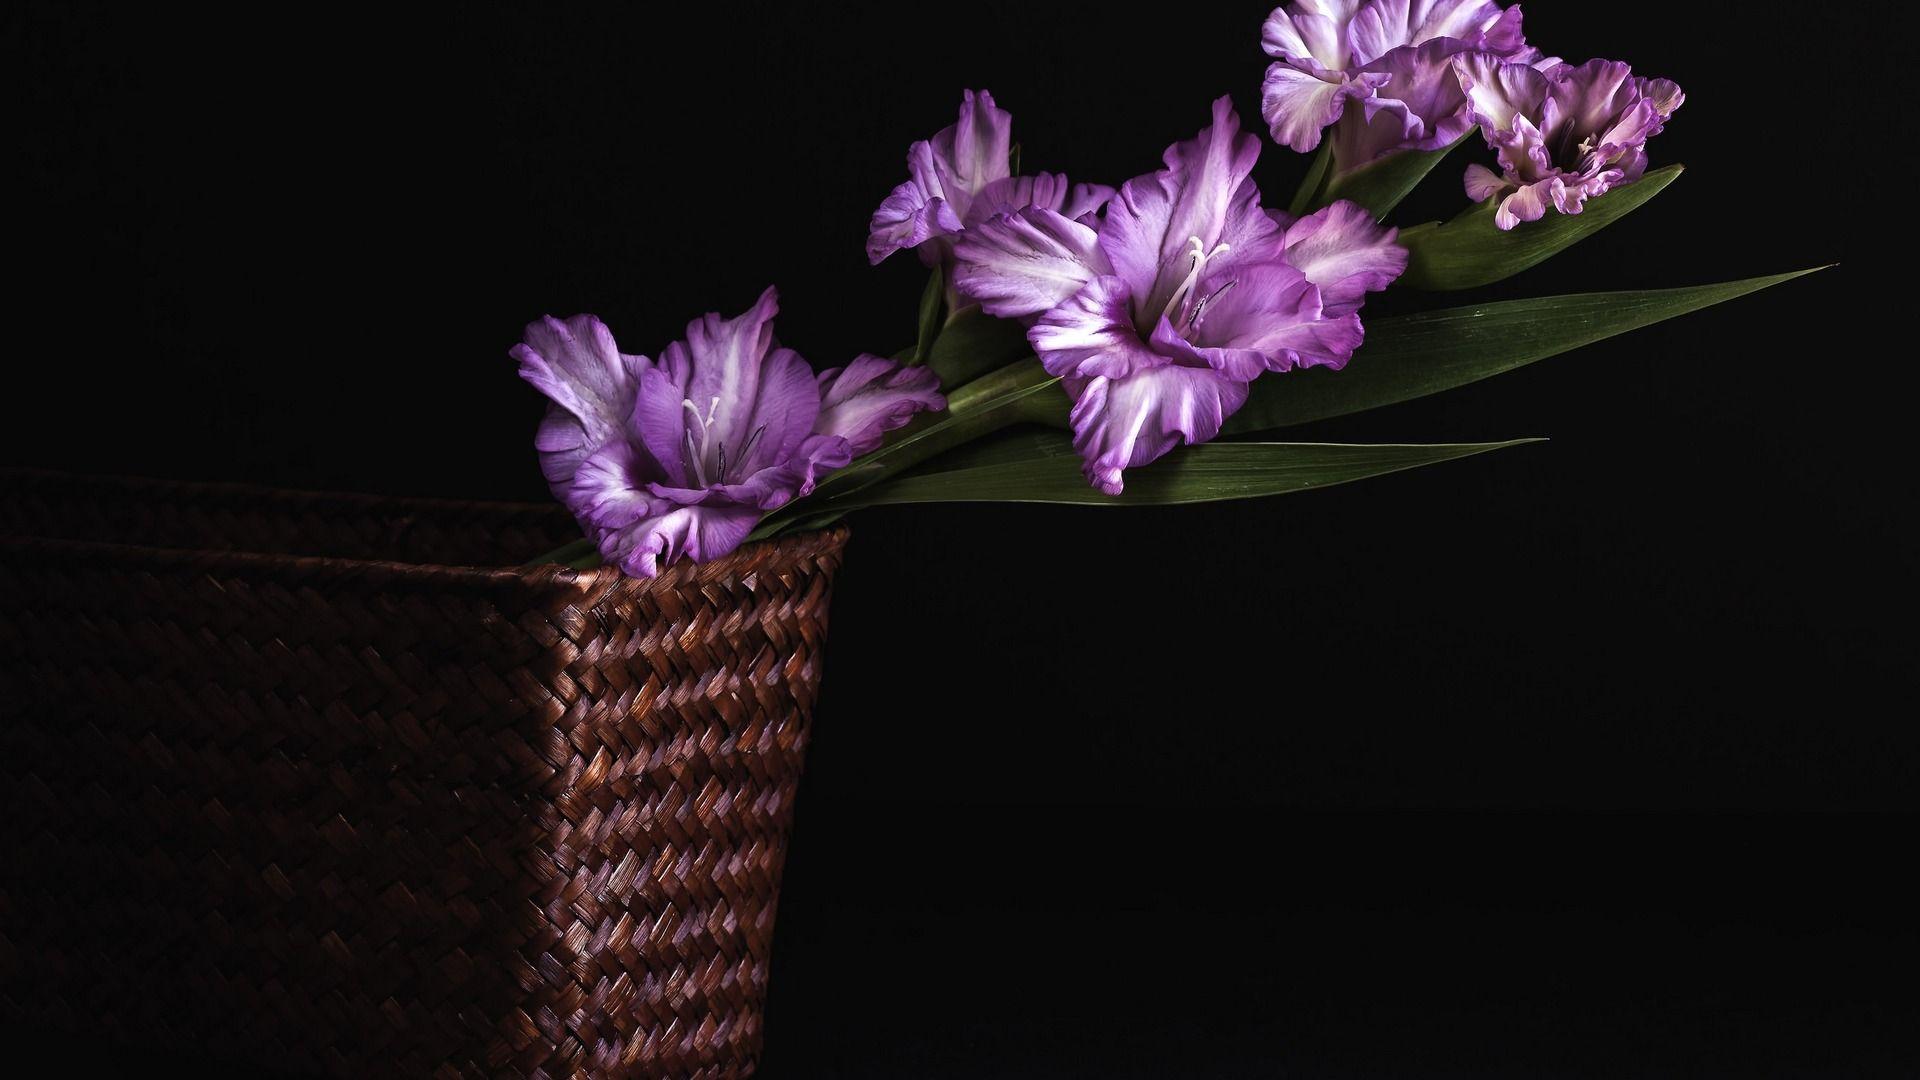 Gladiolus Flower Drawing Download Gladiolus 1920x1080 Wallpaper Purple Flowers Purple Flowers Wallpaper Gladiolus Flower